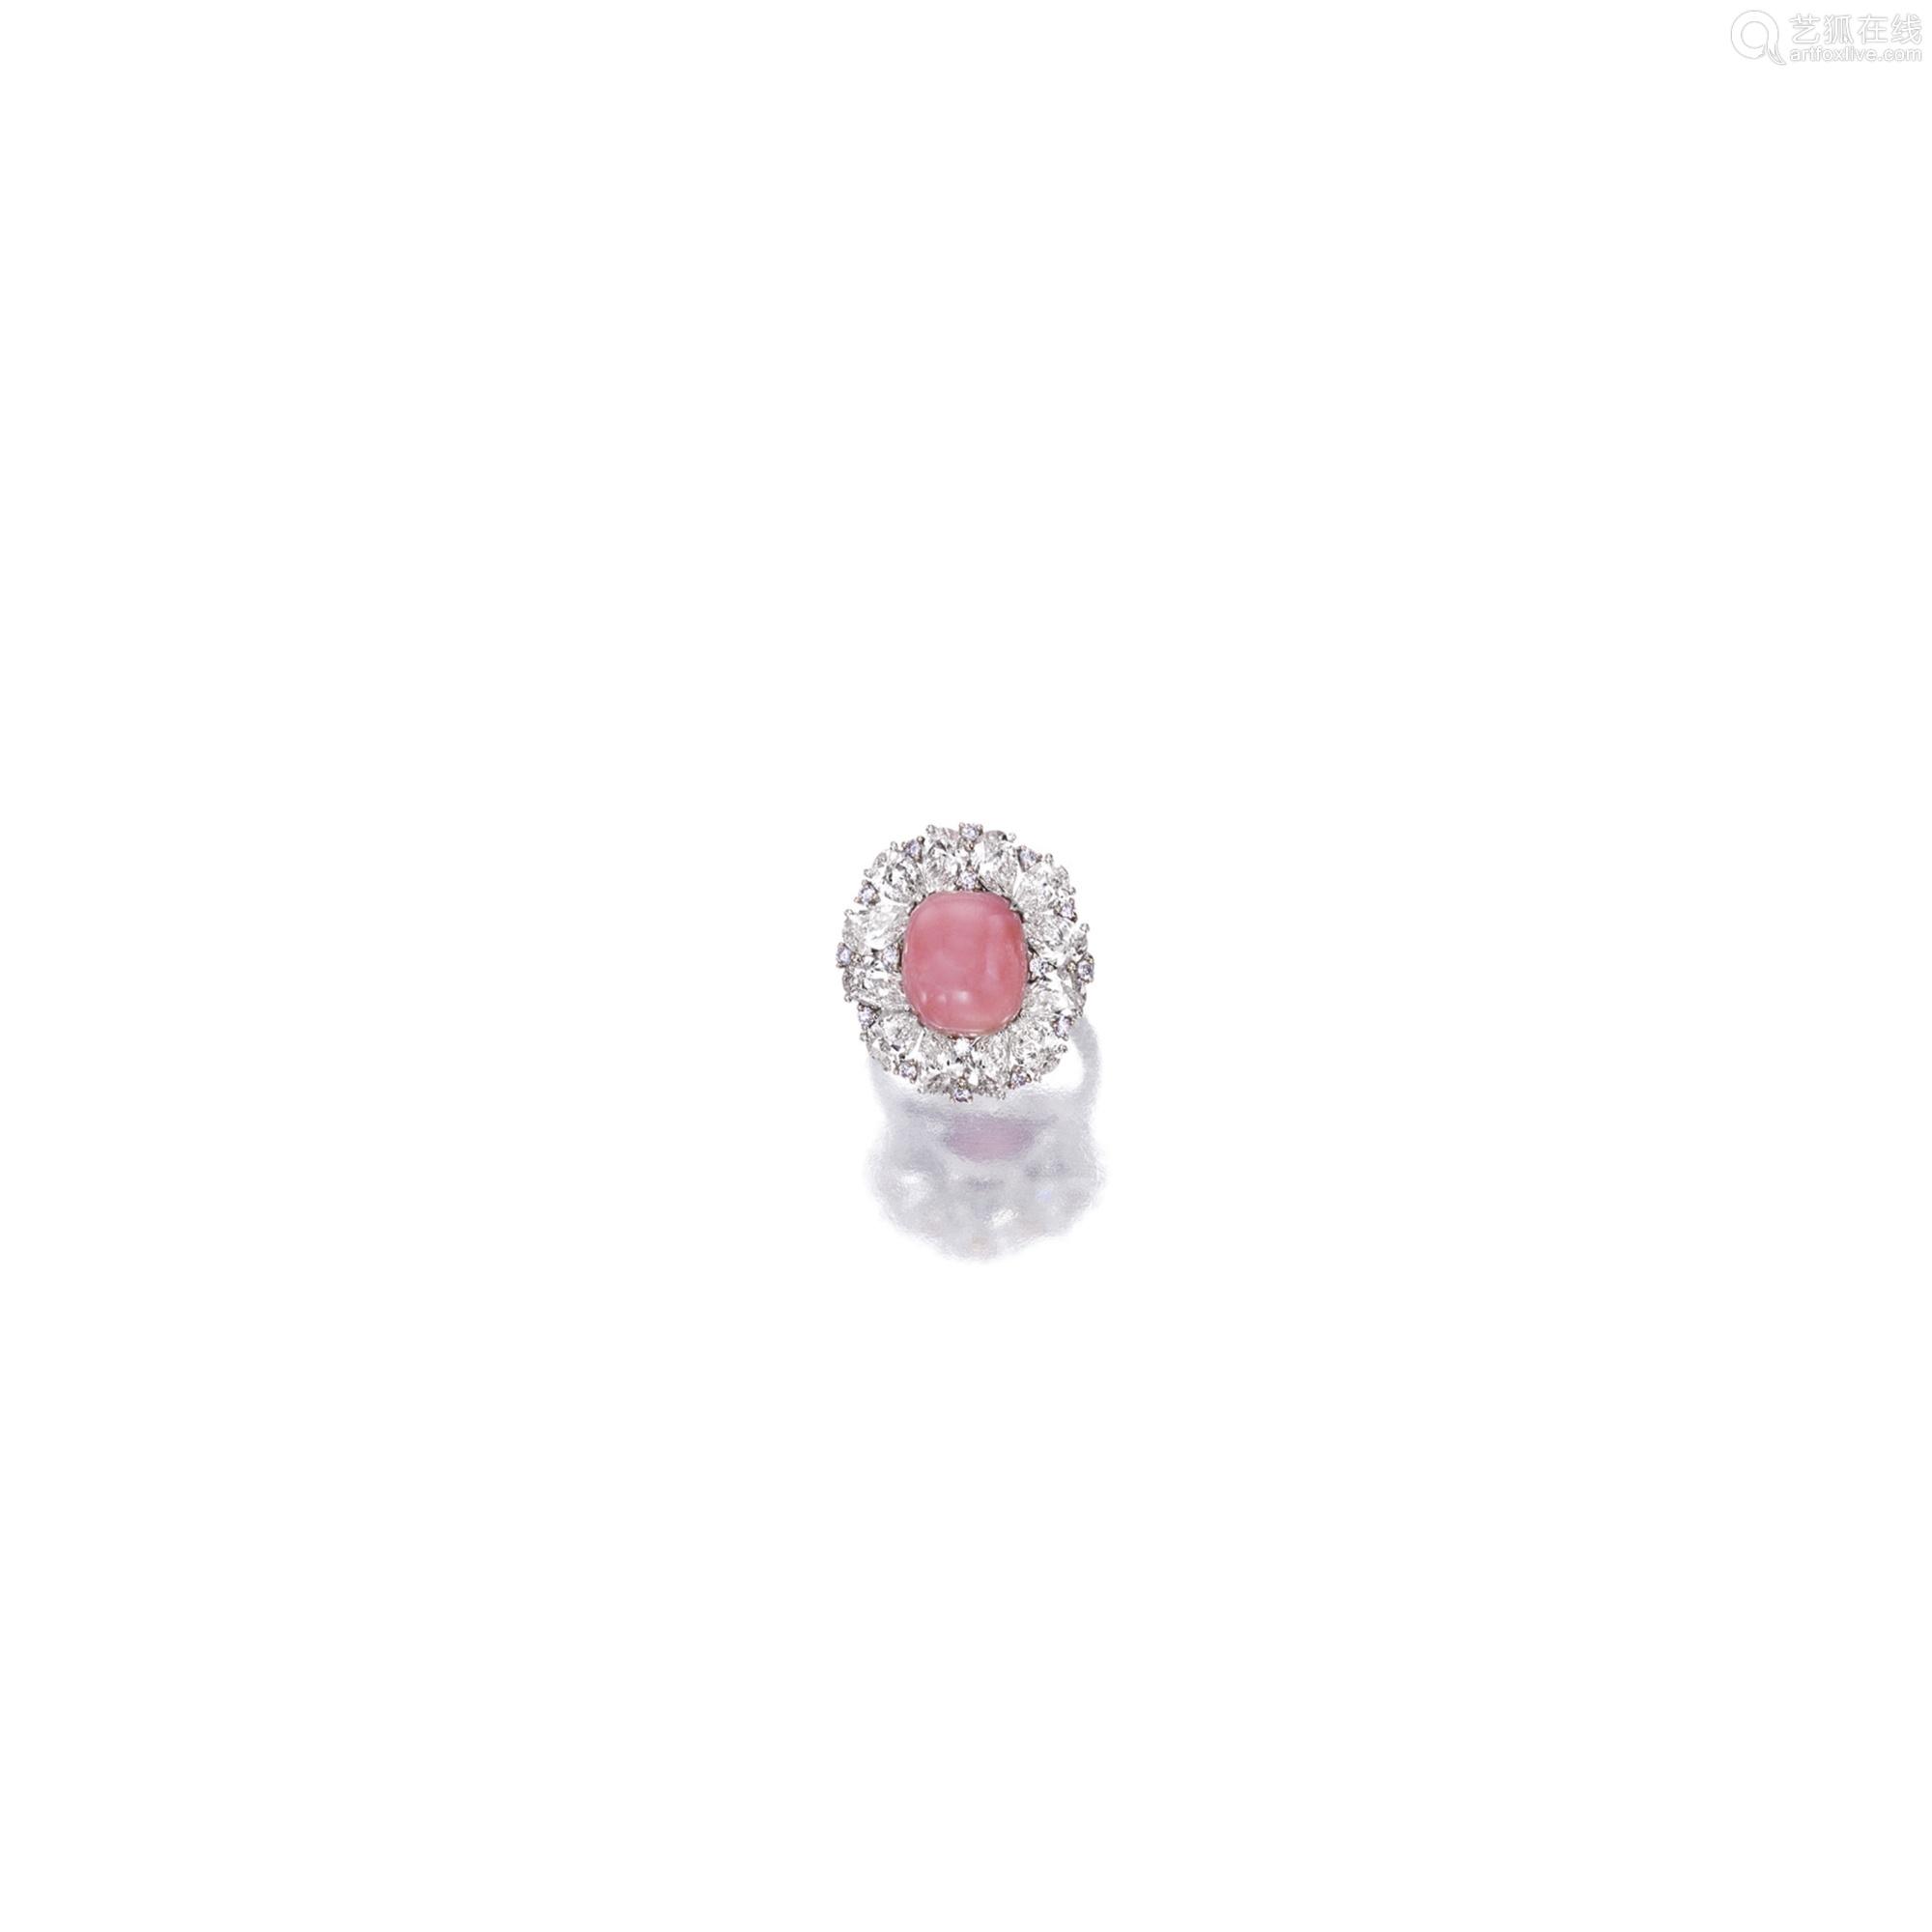 粉红色海螺珠 配 粉红色 钻石 及 钻石 戒指